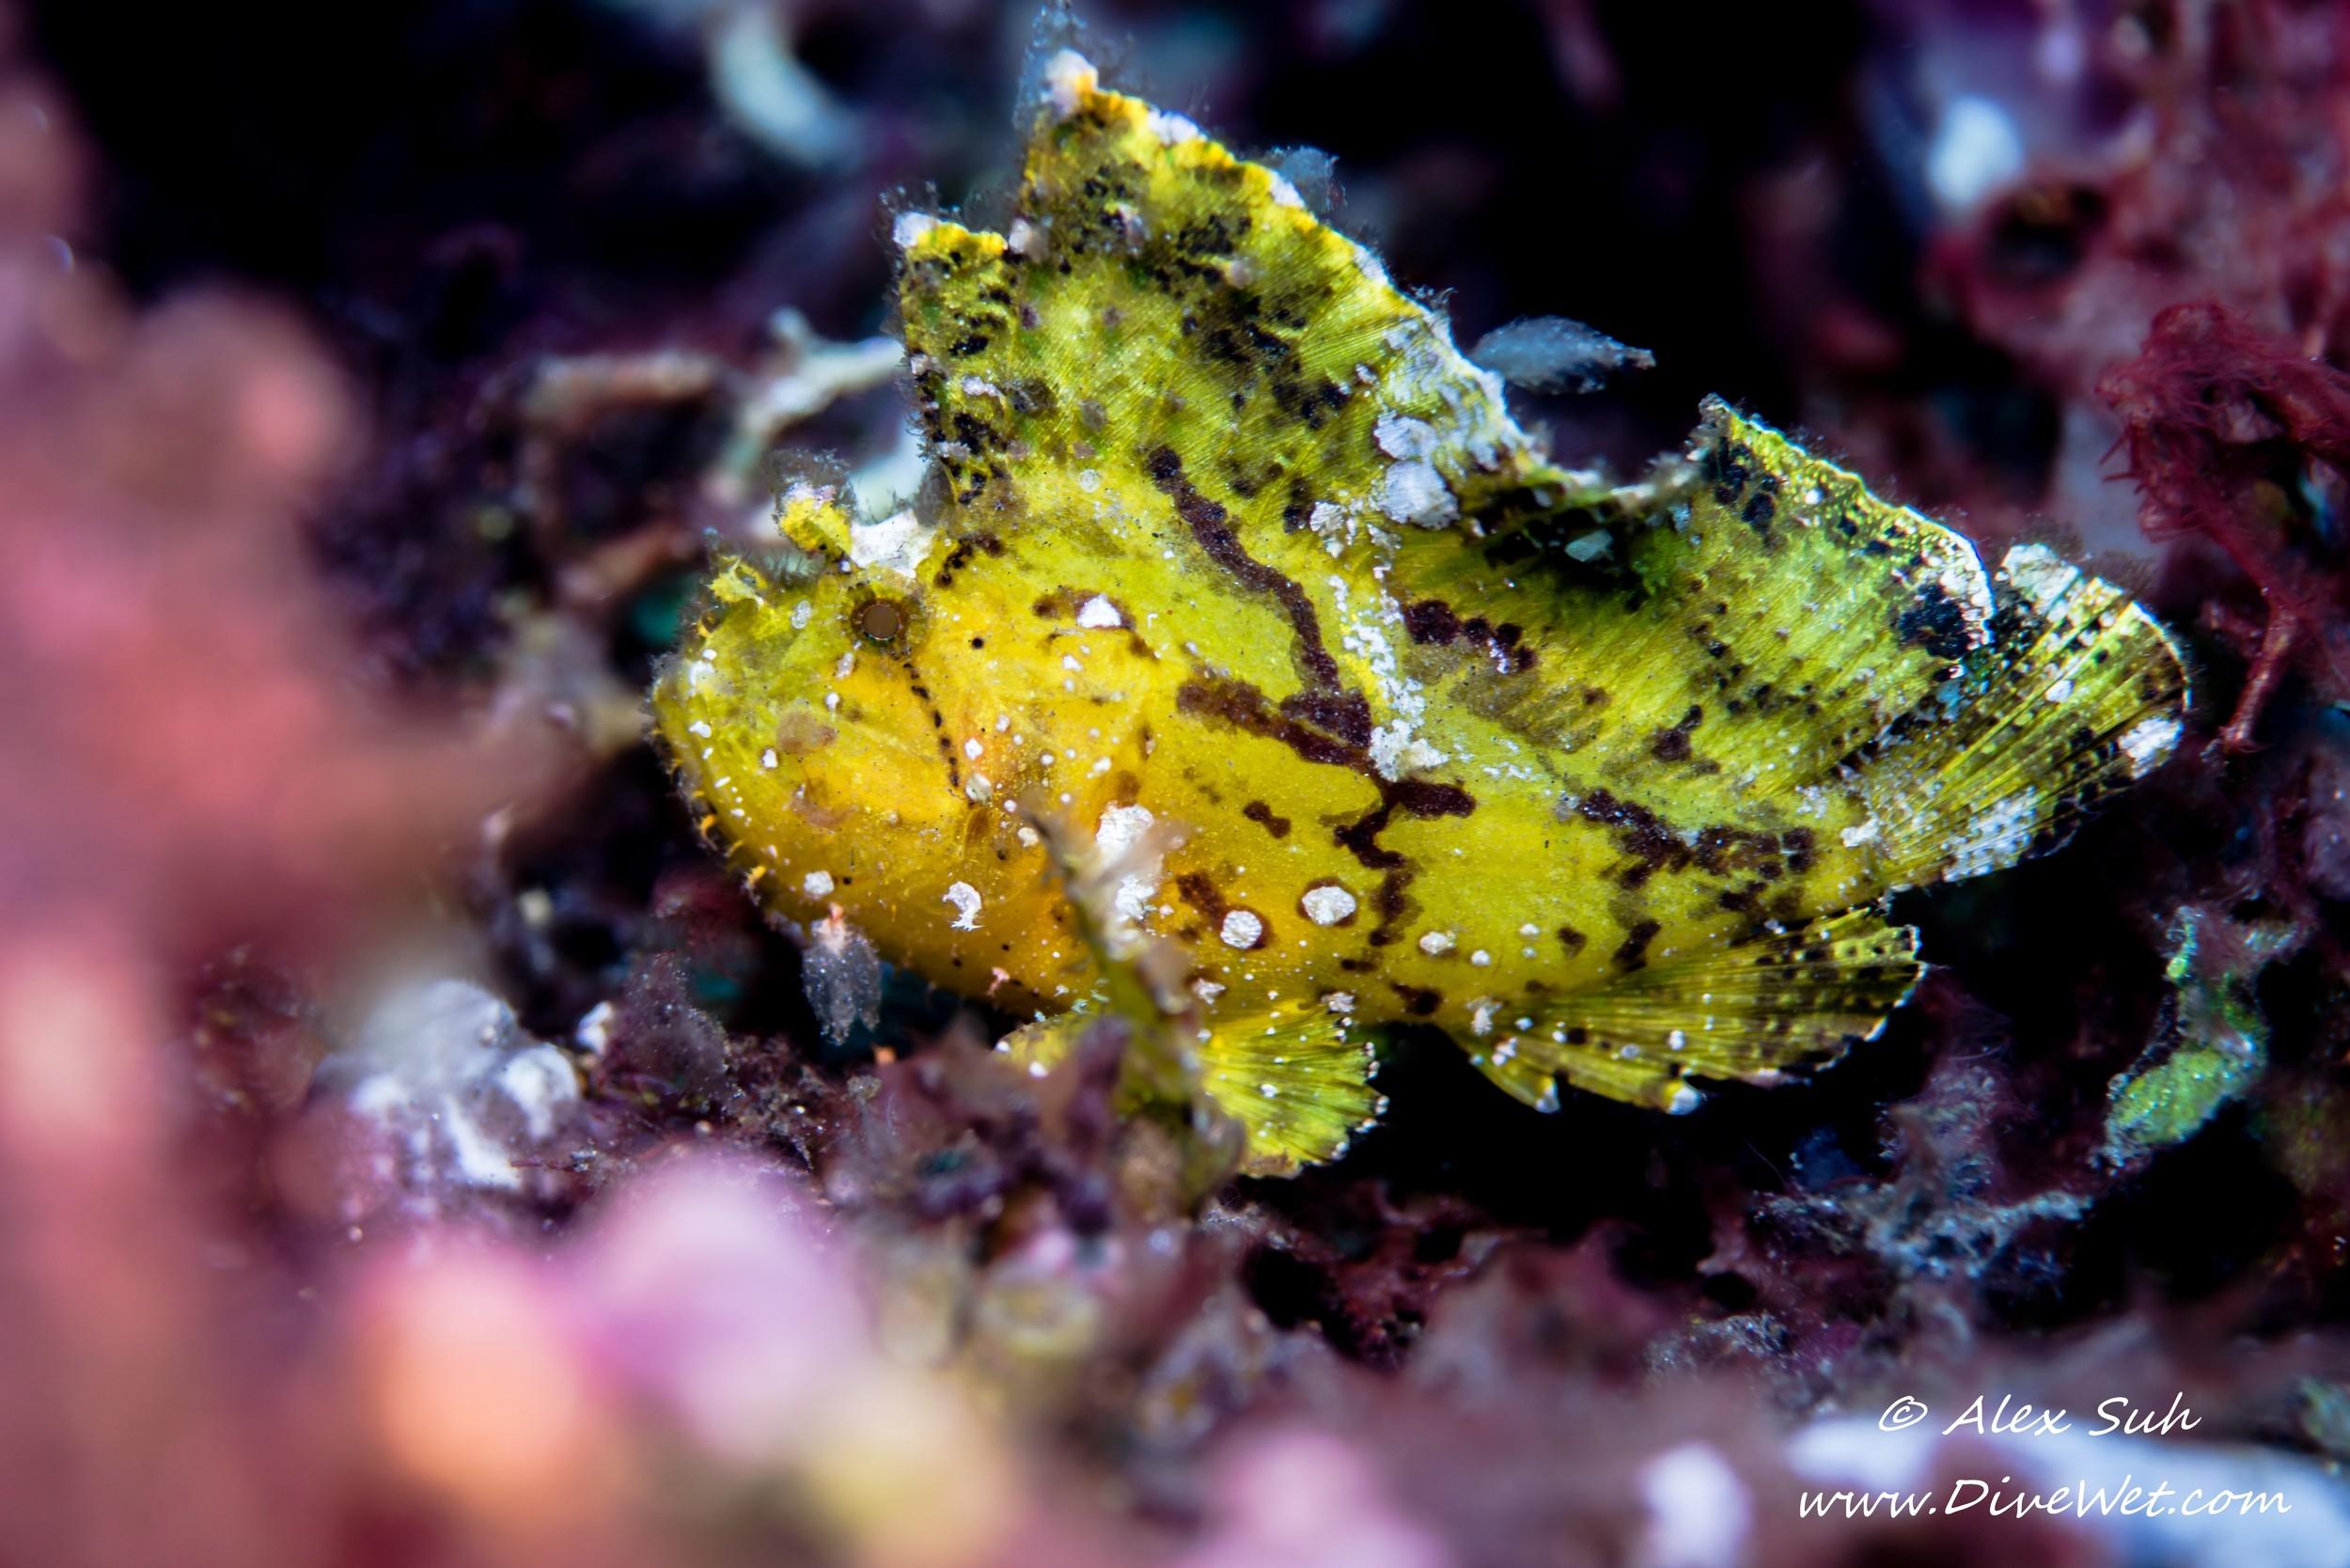 Leaf Scorpion Fish (Taenianotus triacanthus)